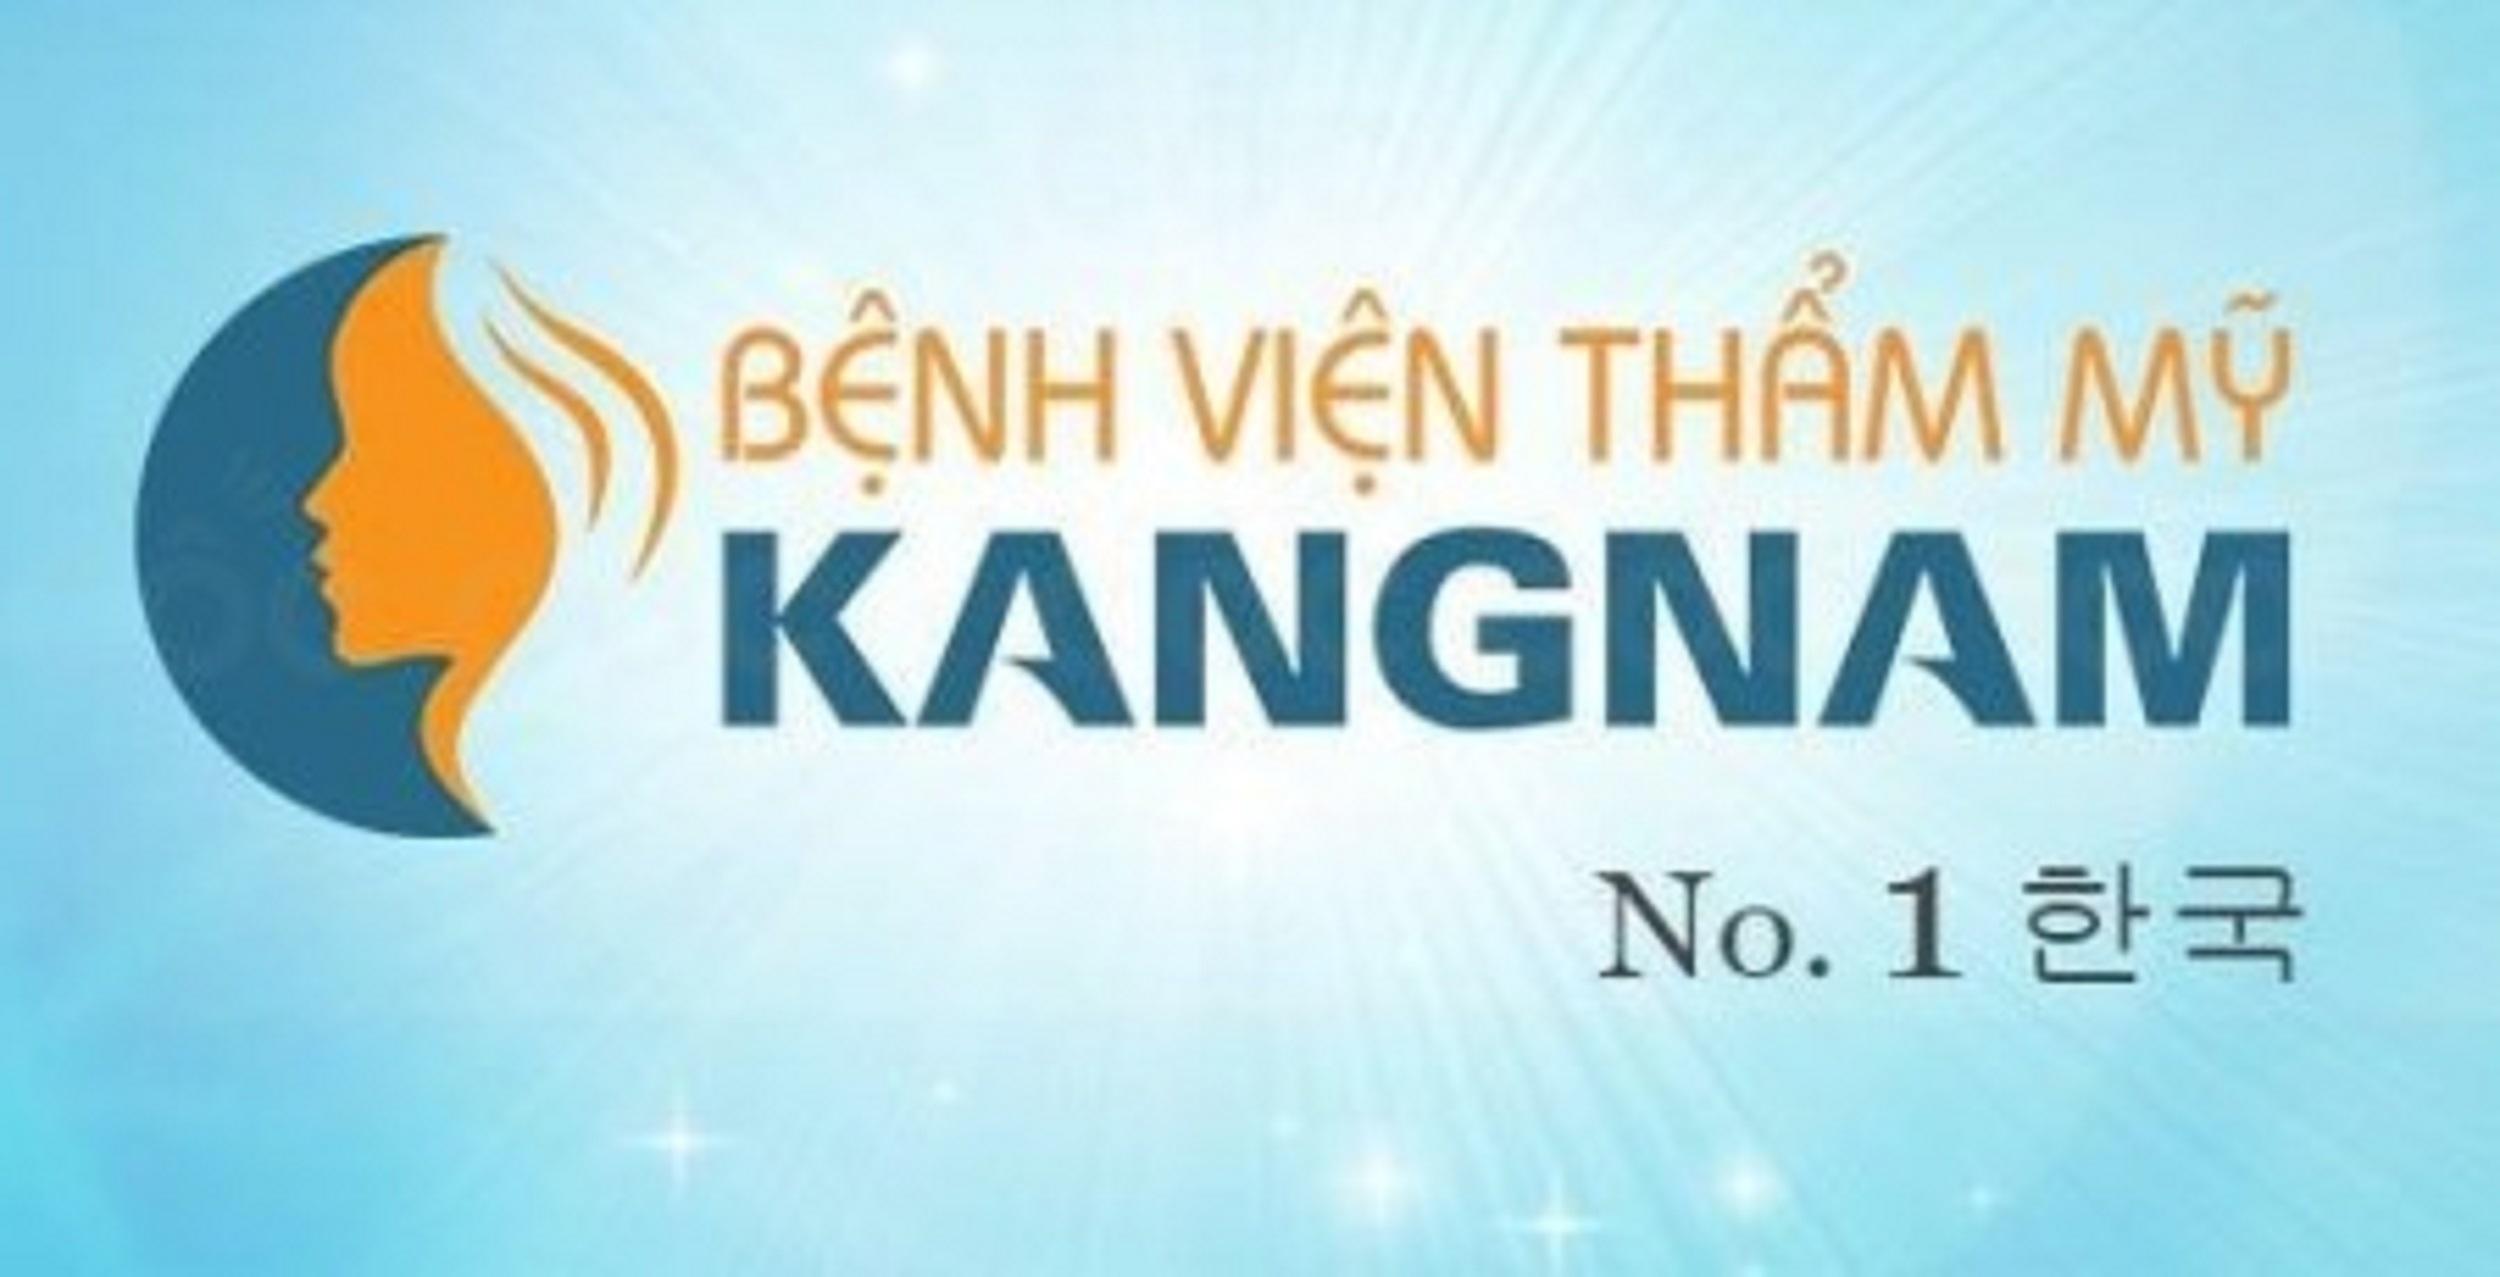 thẩm mỹ viện kangnam làm chết người (@tmvkangnamlamchetnguoi) Cover Image